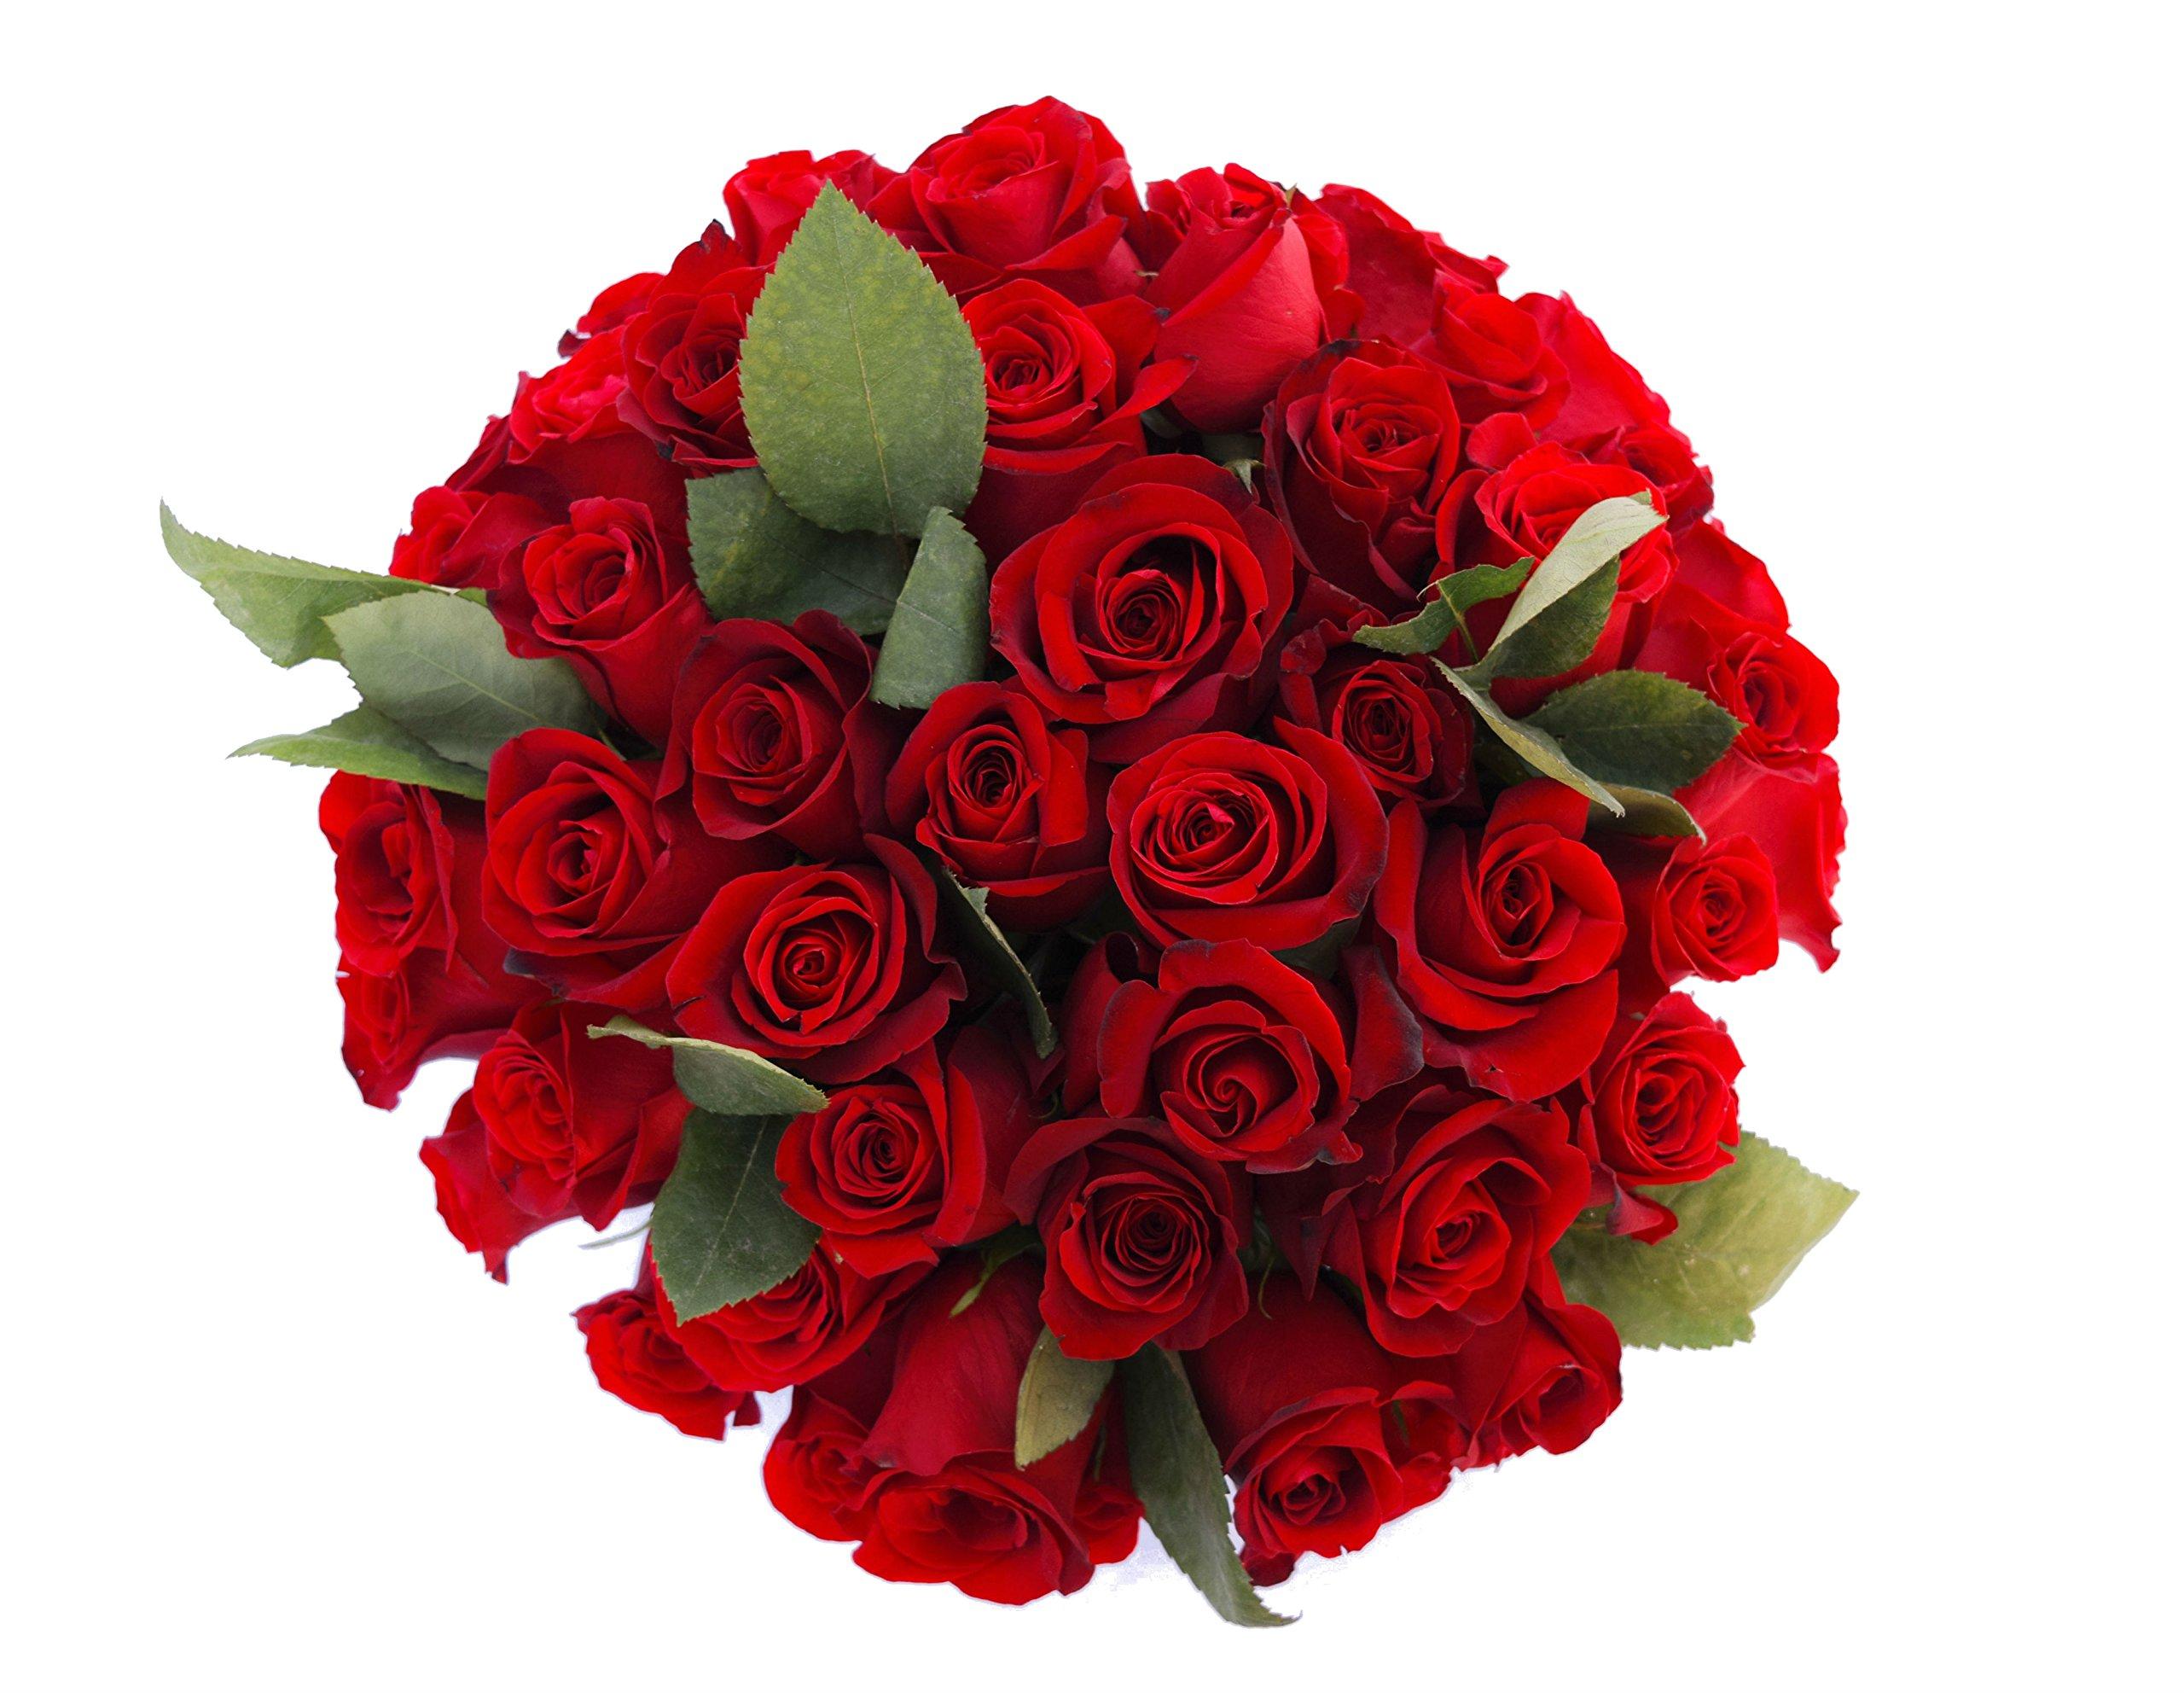 Amazon.com : 50 Farm Fresh White Roses Bouquet By JustFreshRoses ...